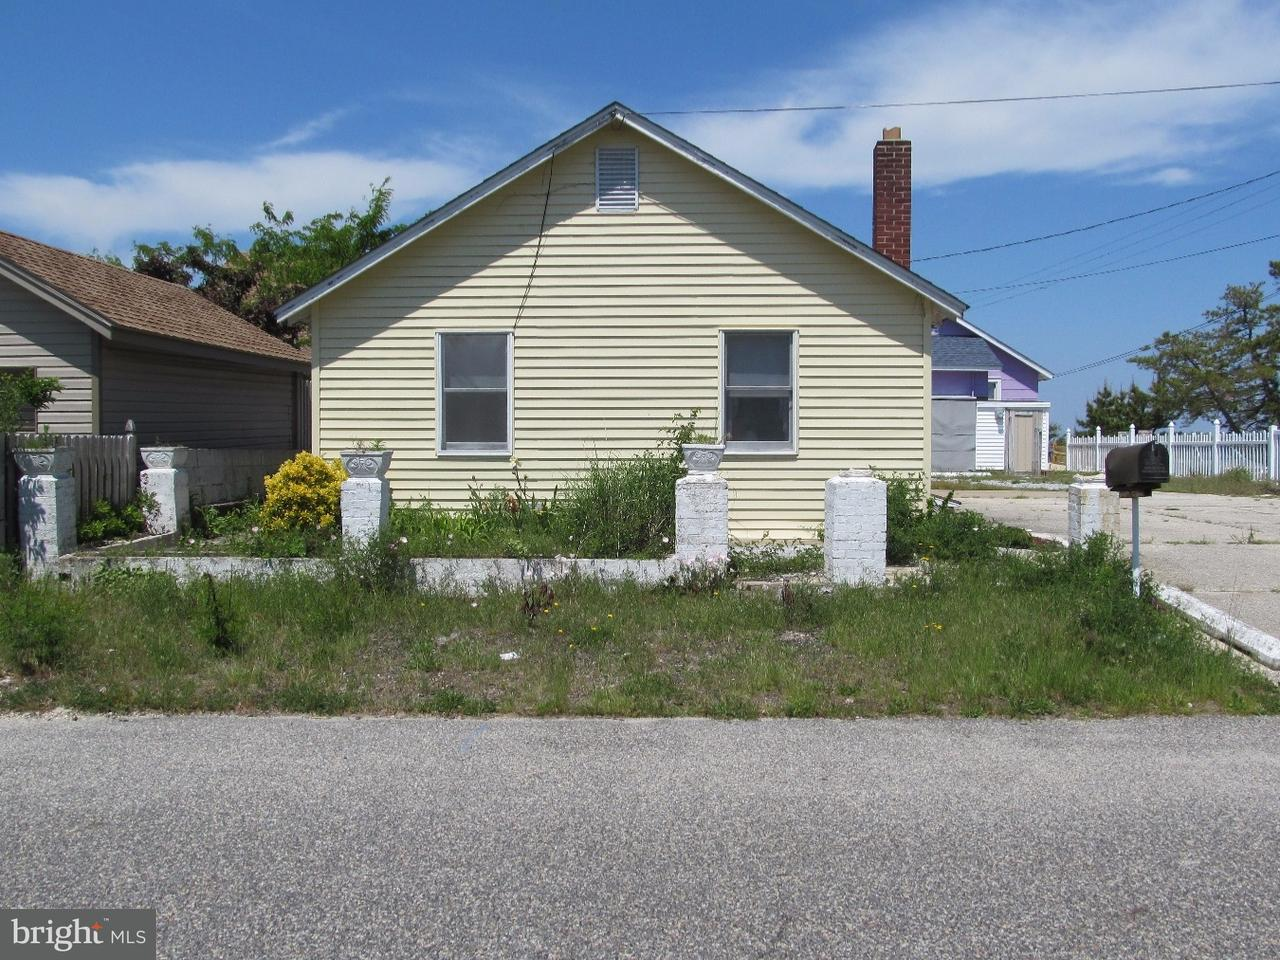 Maison unifamiliale pour l Vente à 200B MILLMAN LN #B Villas, New Jersey 08251 États-Unis